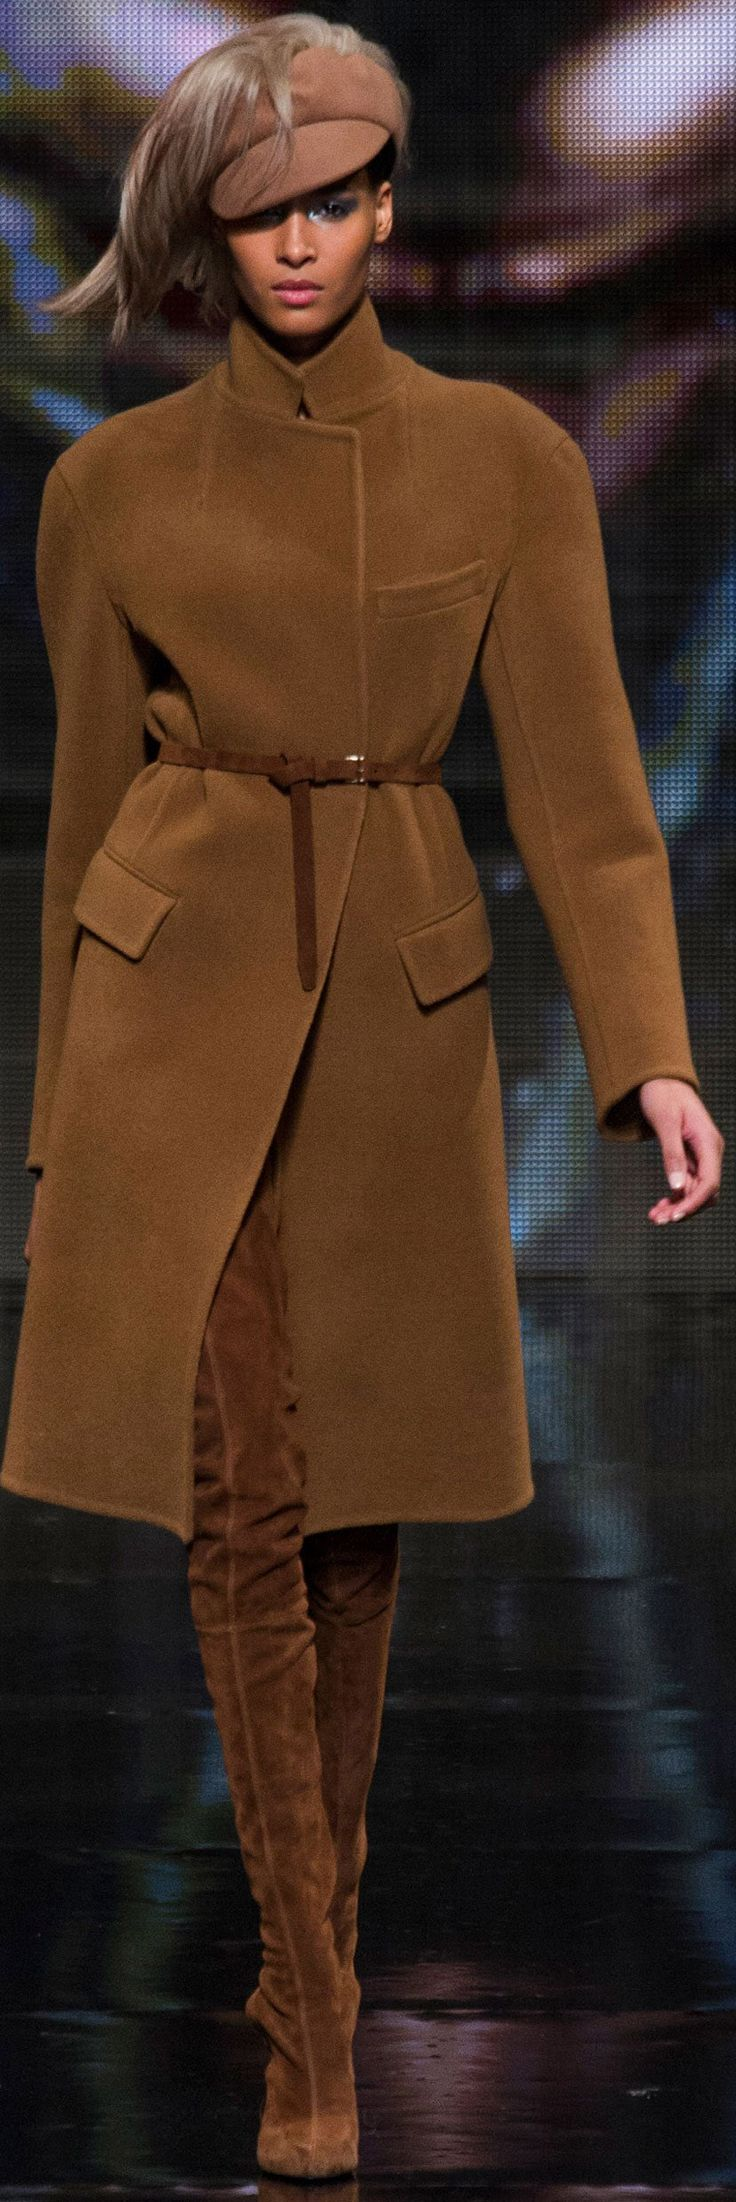 Executive suit: Boss lady: Donna Karan Autumn Fall / Winter